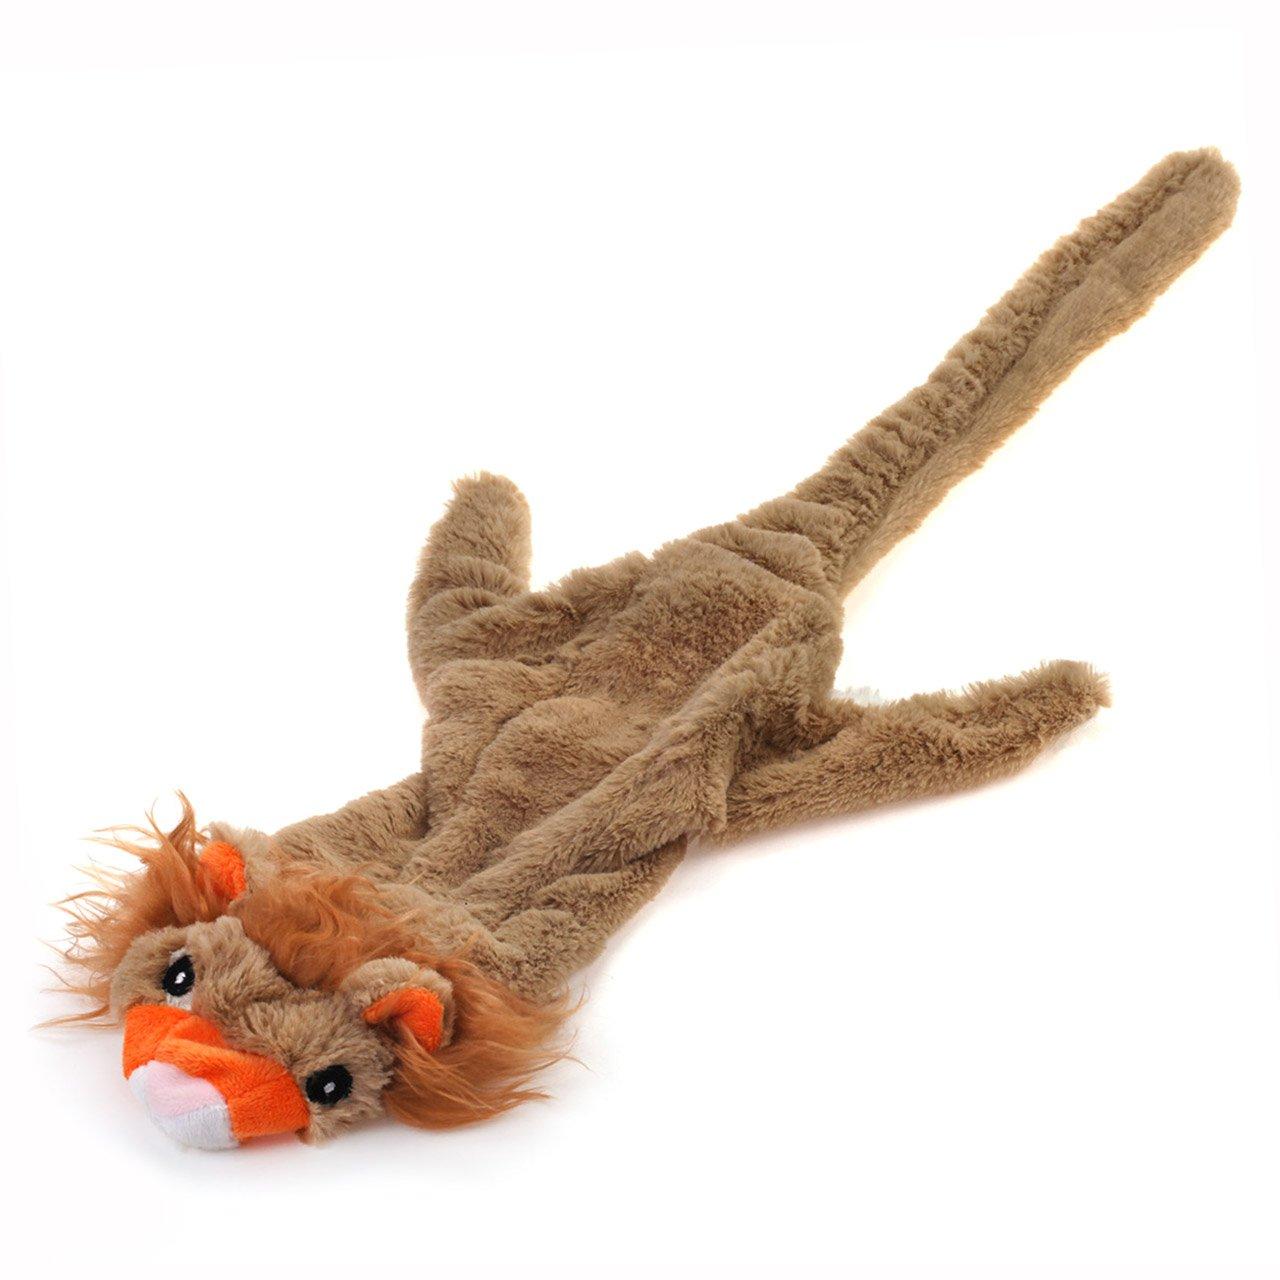 Chiwava 52, 1cm en peluche pour chien Squeak non sans rembourrage Lion avec 2couineur Stuffingless jouet pour chien Wonpet Co. Ltd DTP024